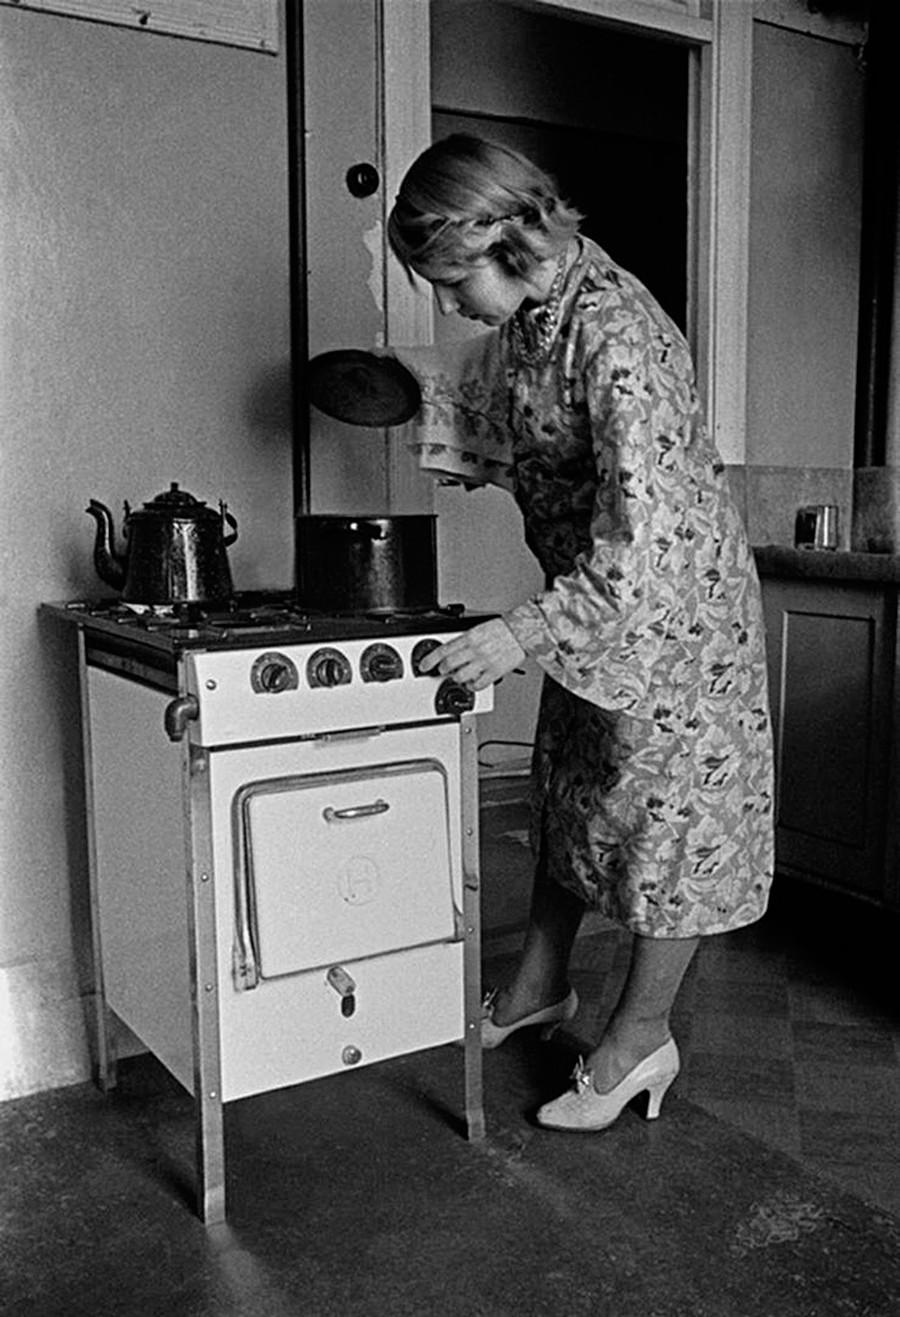 Eine Frau in der Küche